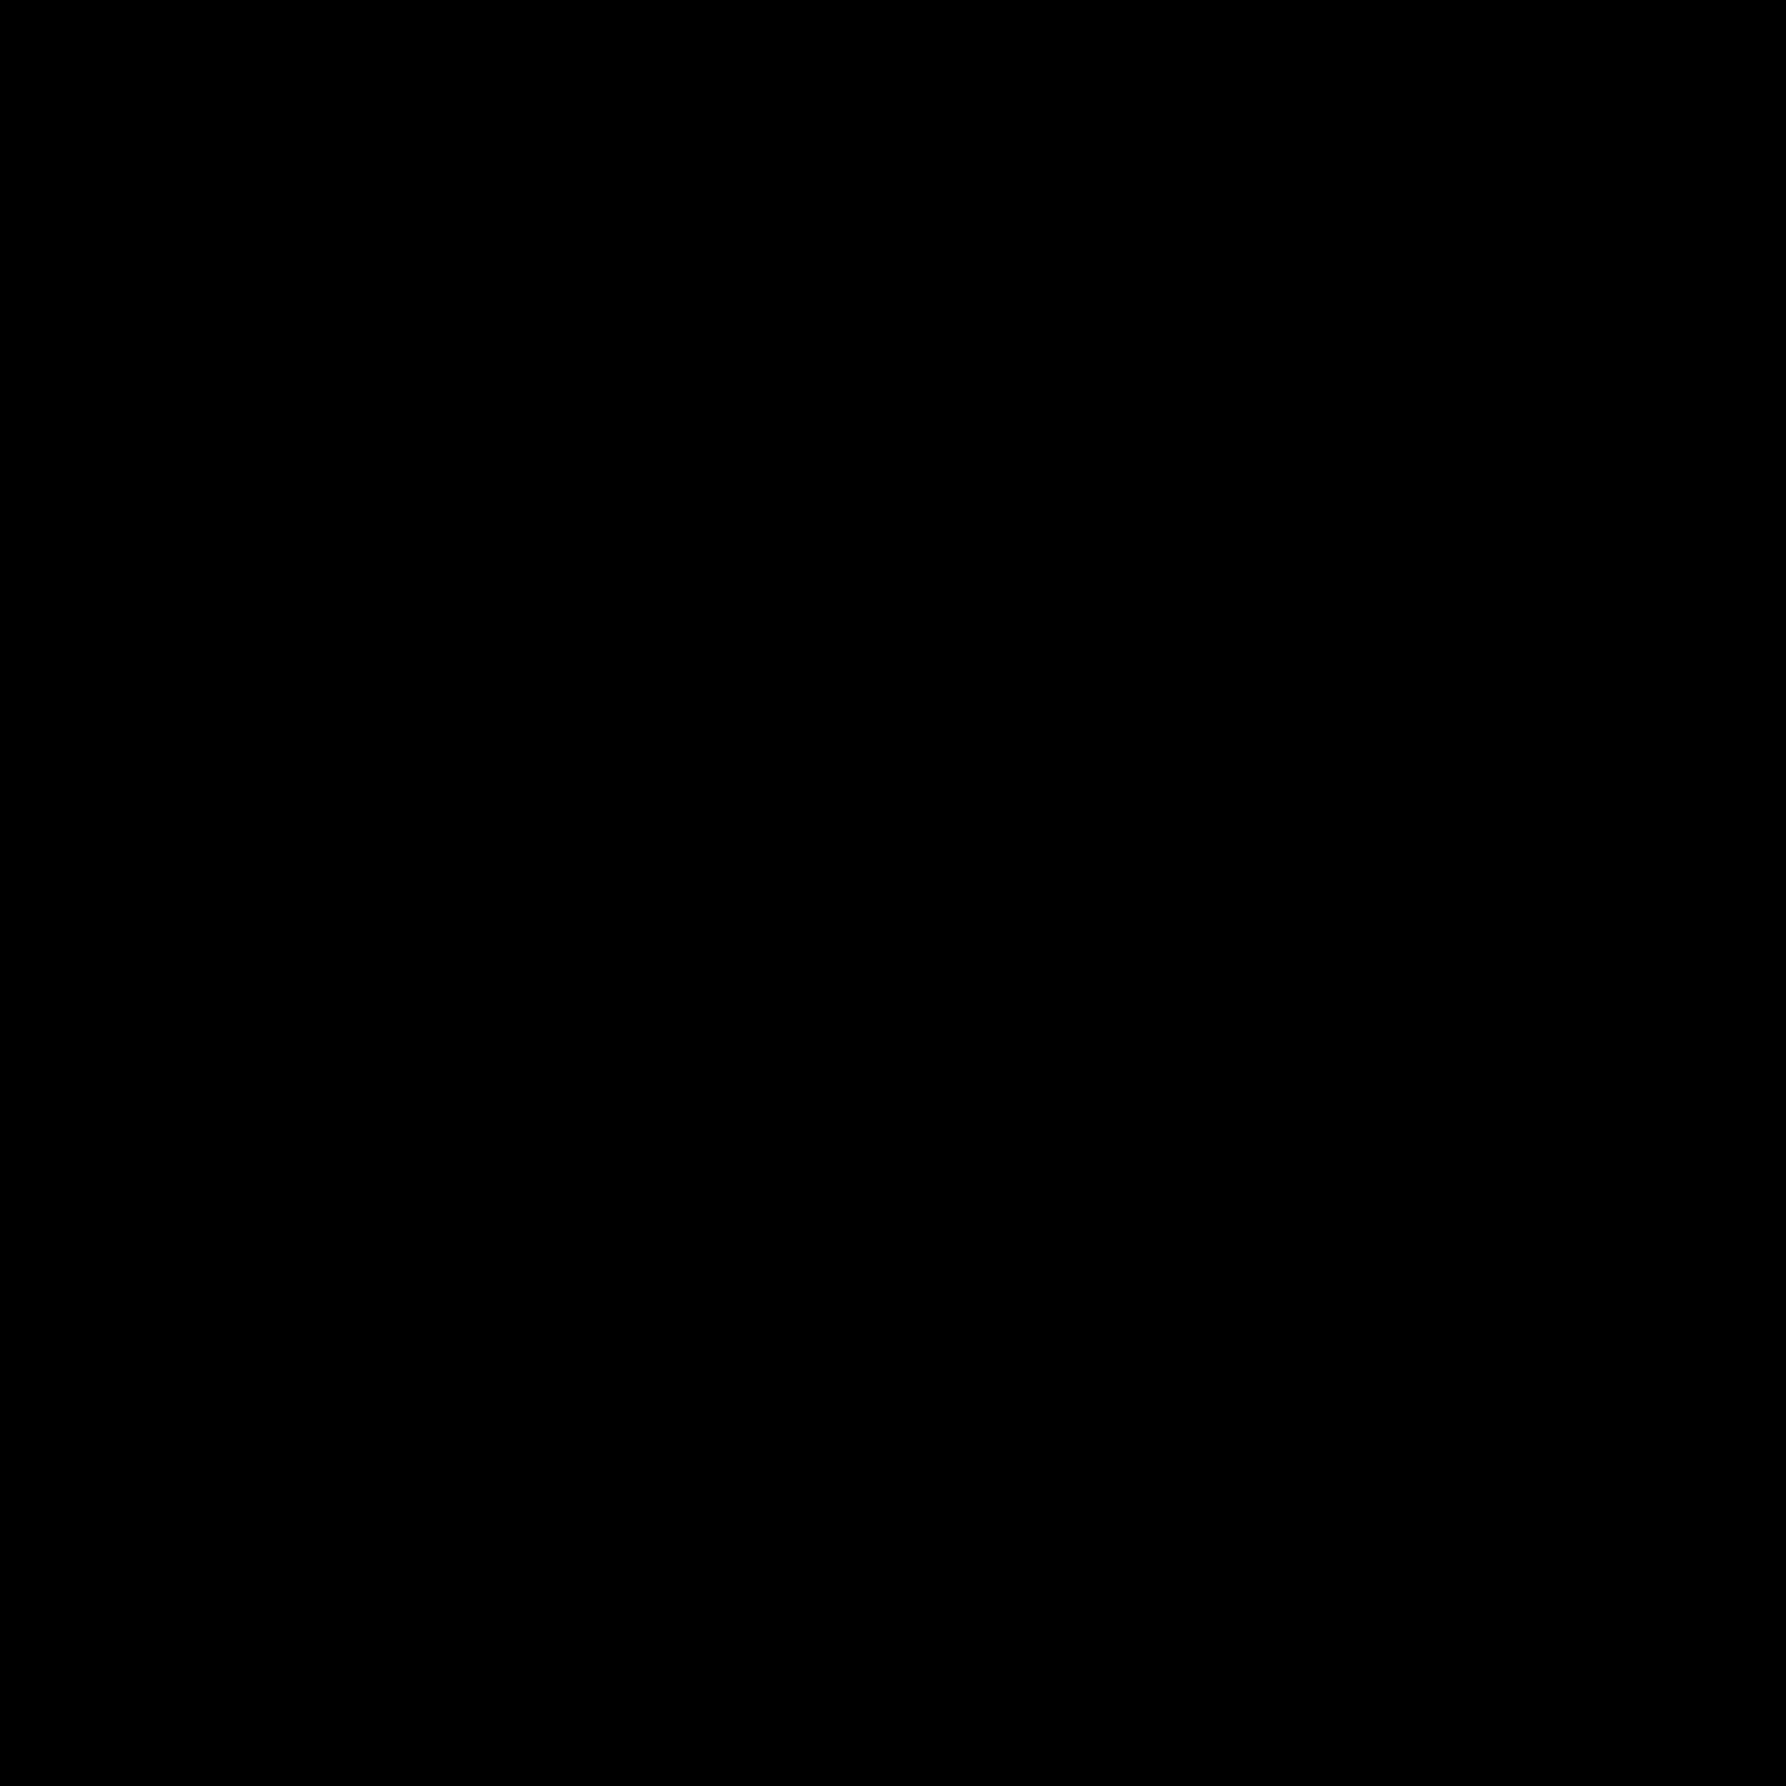 Cuissard à bretelle PRO LIGHT noir/blanc 2019/2020 HOMME